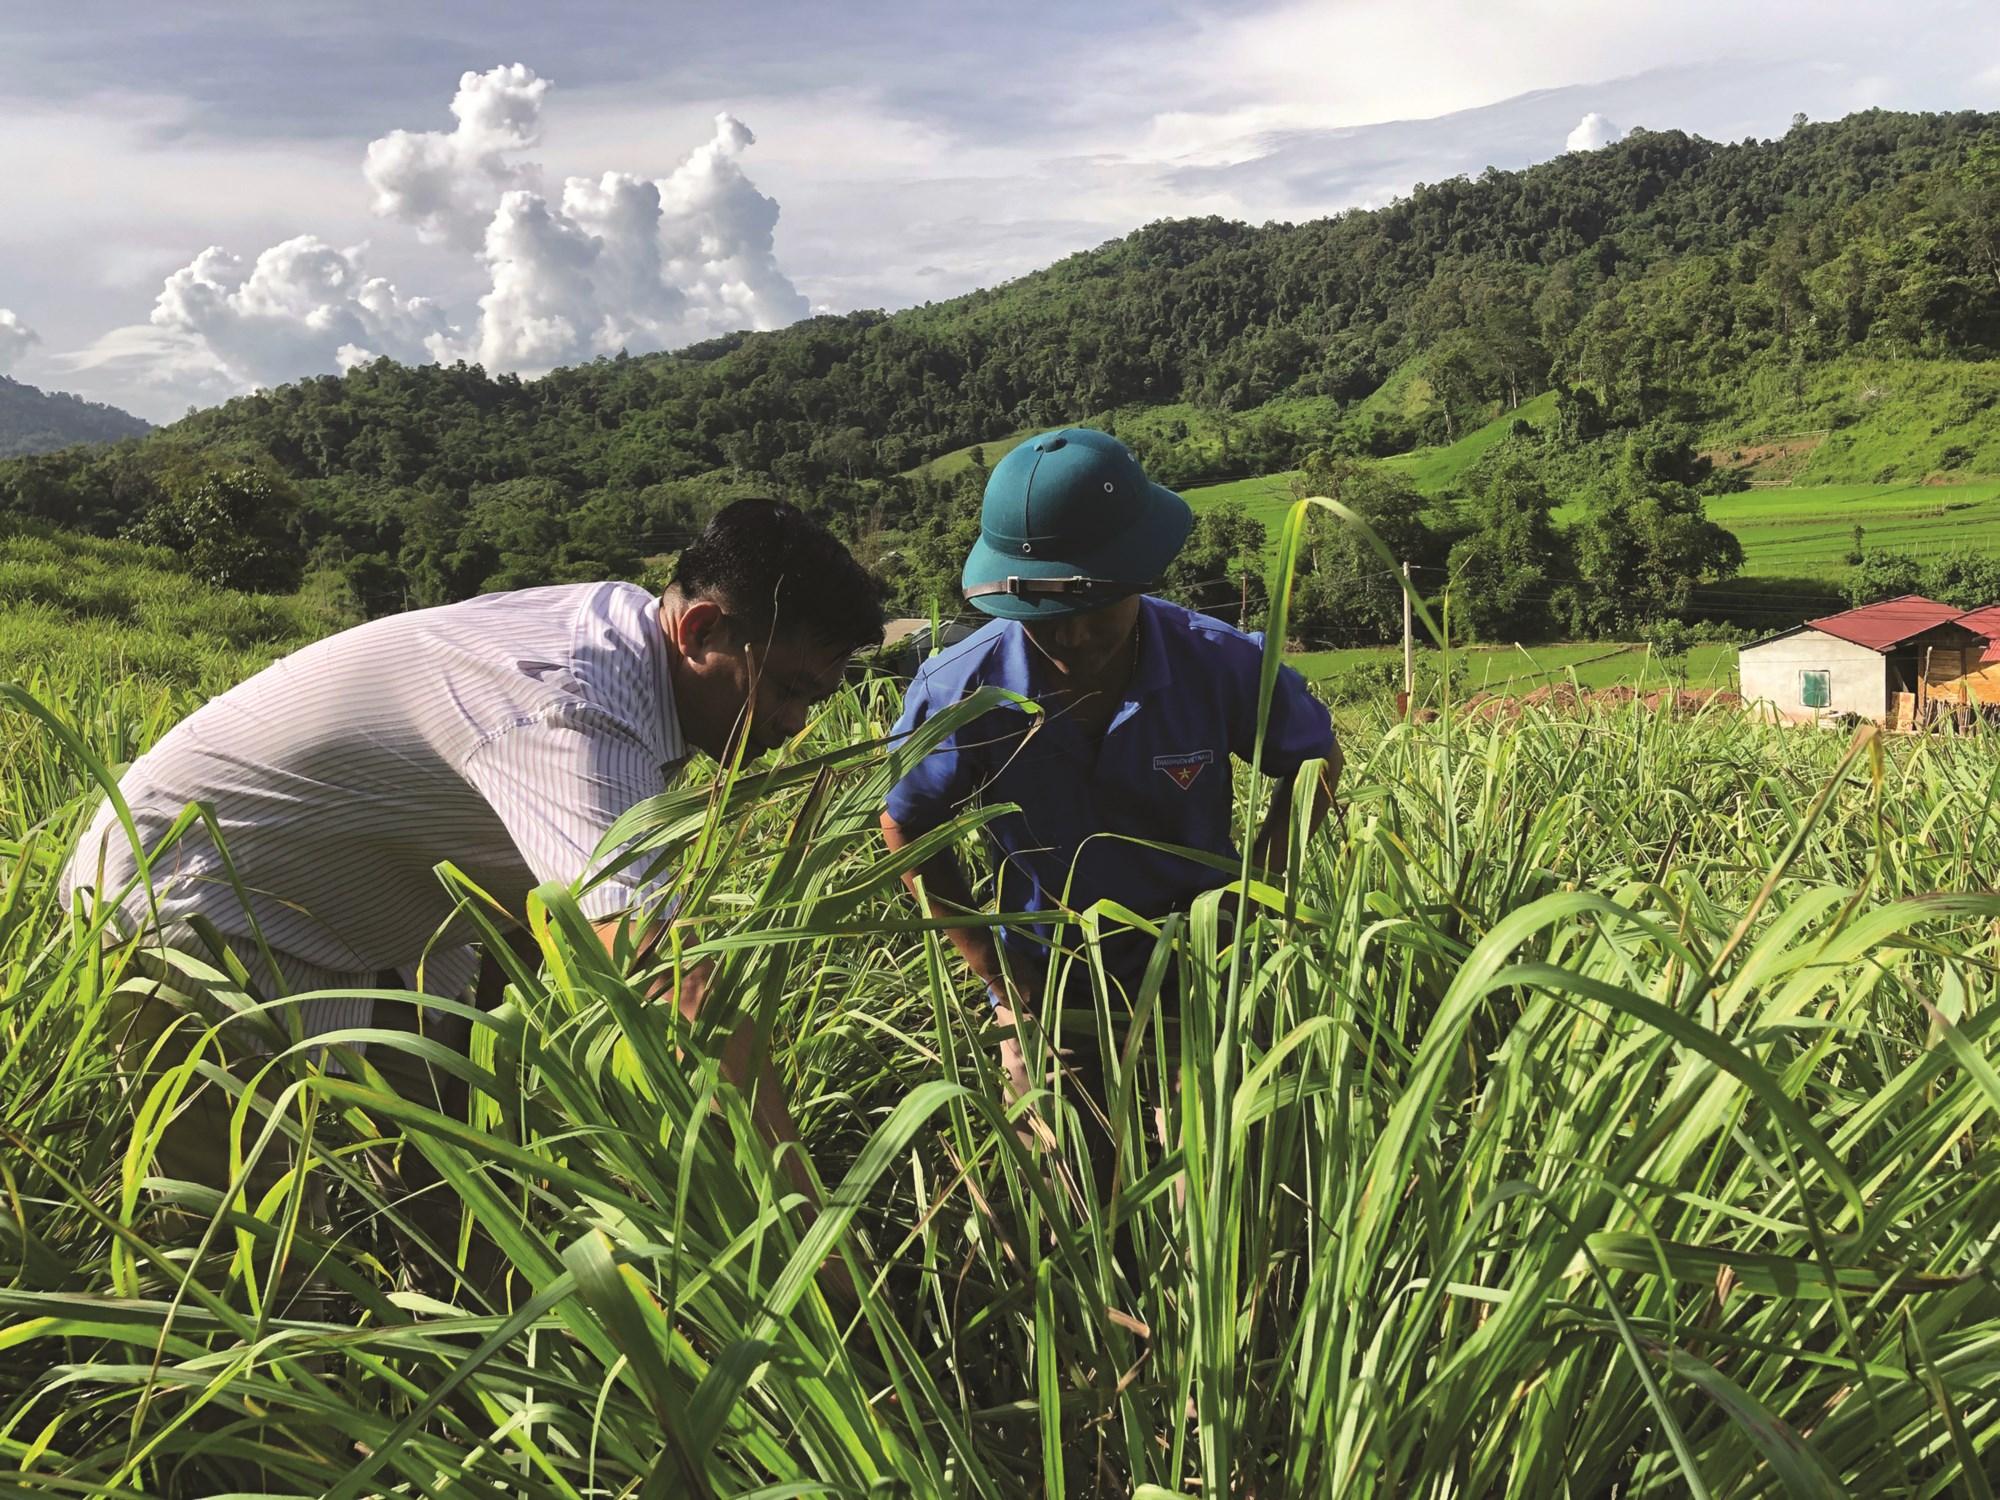 Mô hình trồng cây sả ở xã Leng Su Sìn bước đầu đem lại hiệu quả kinh tế.